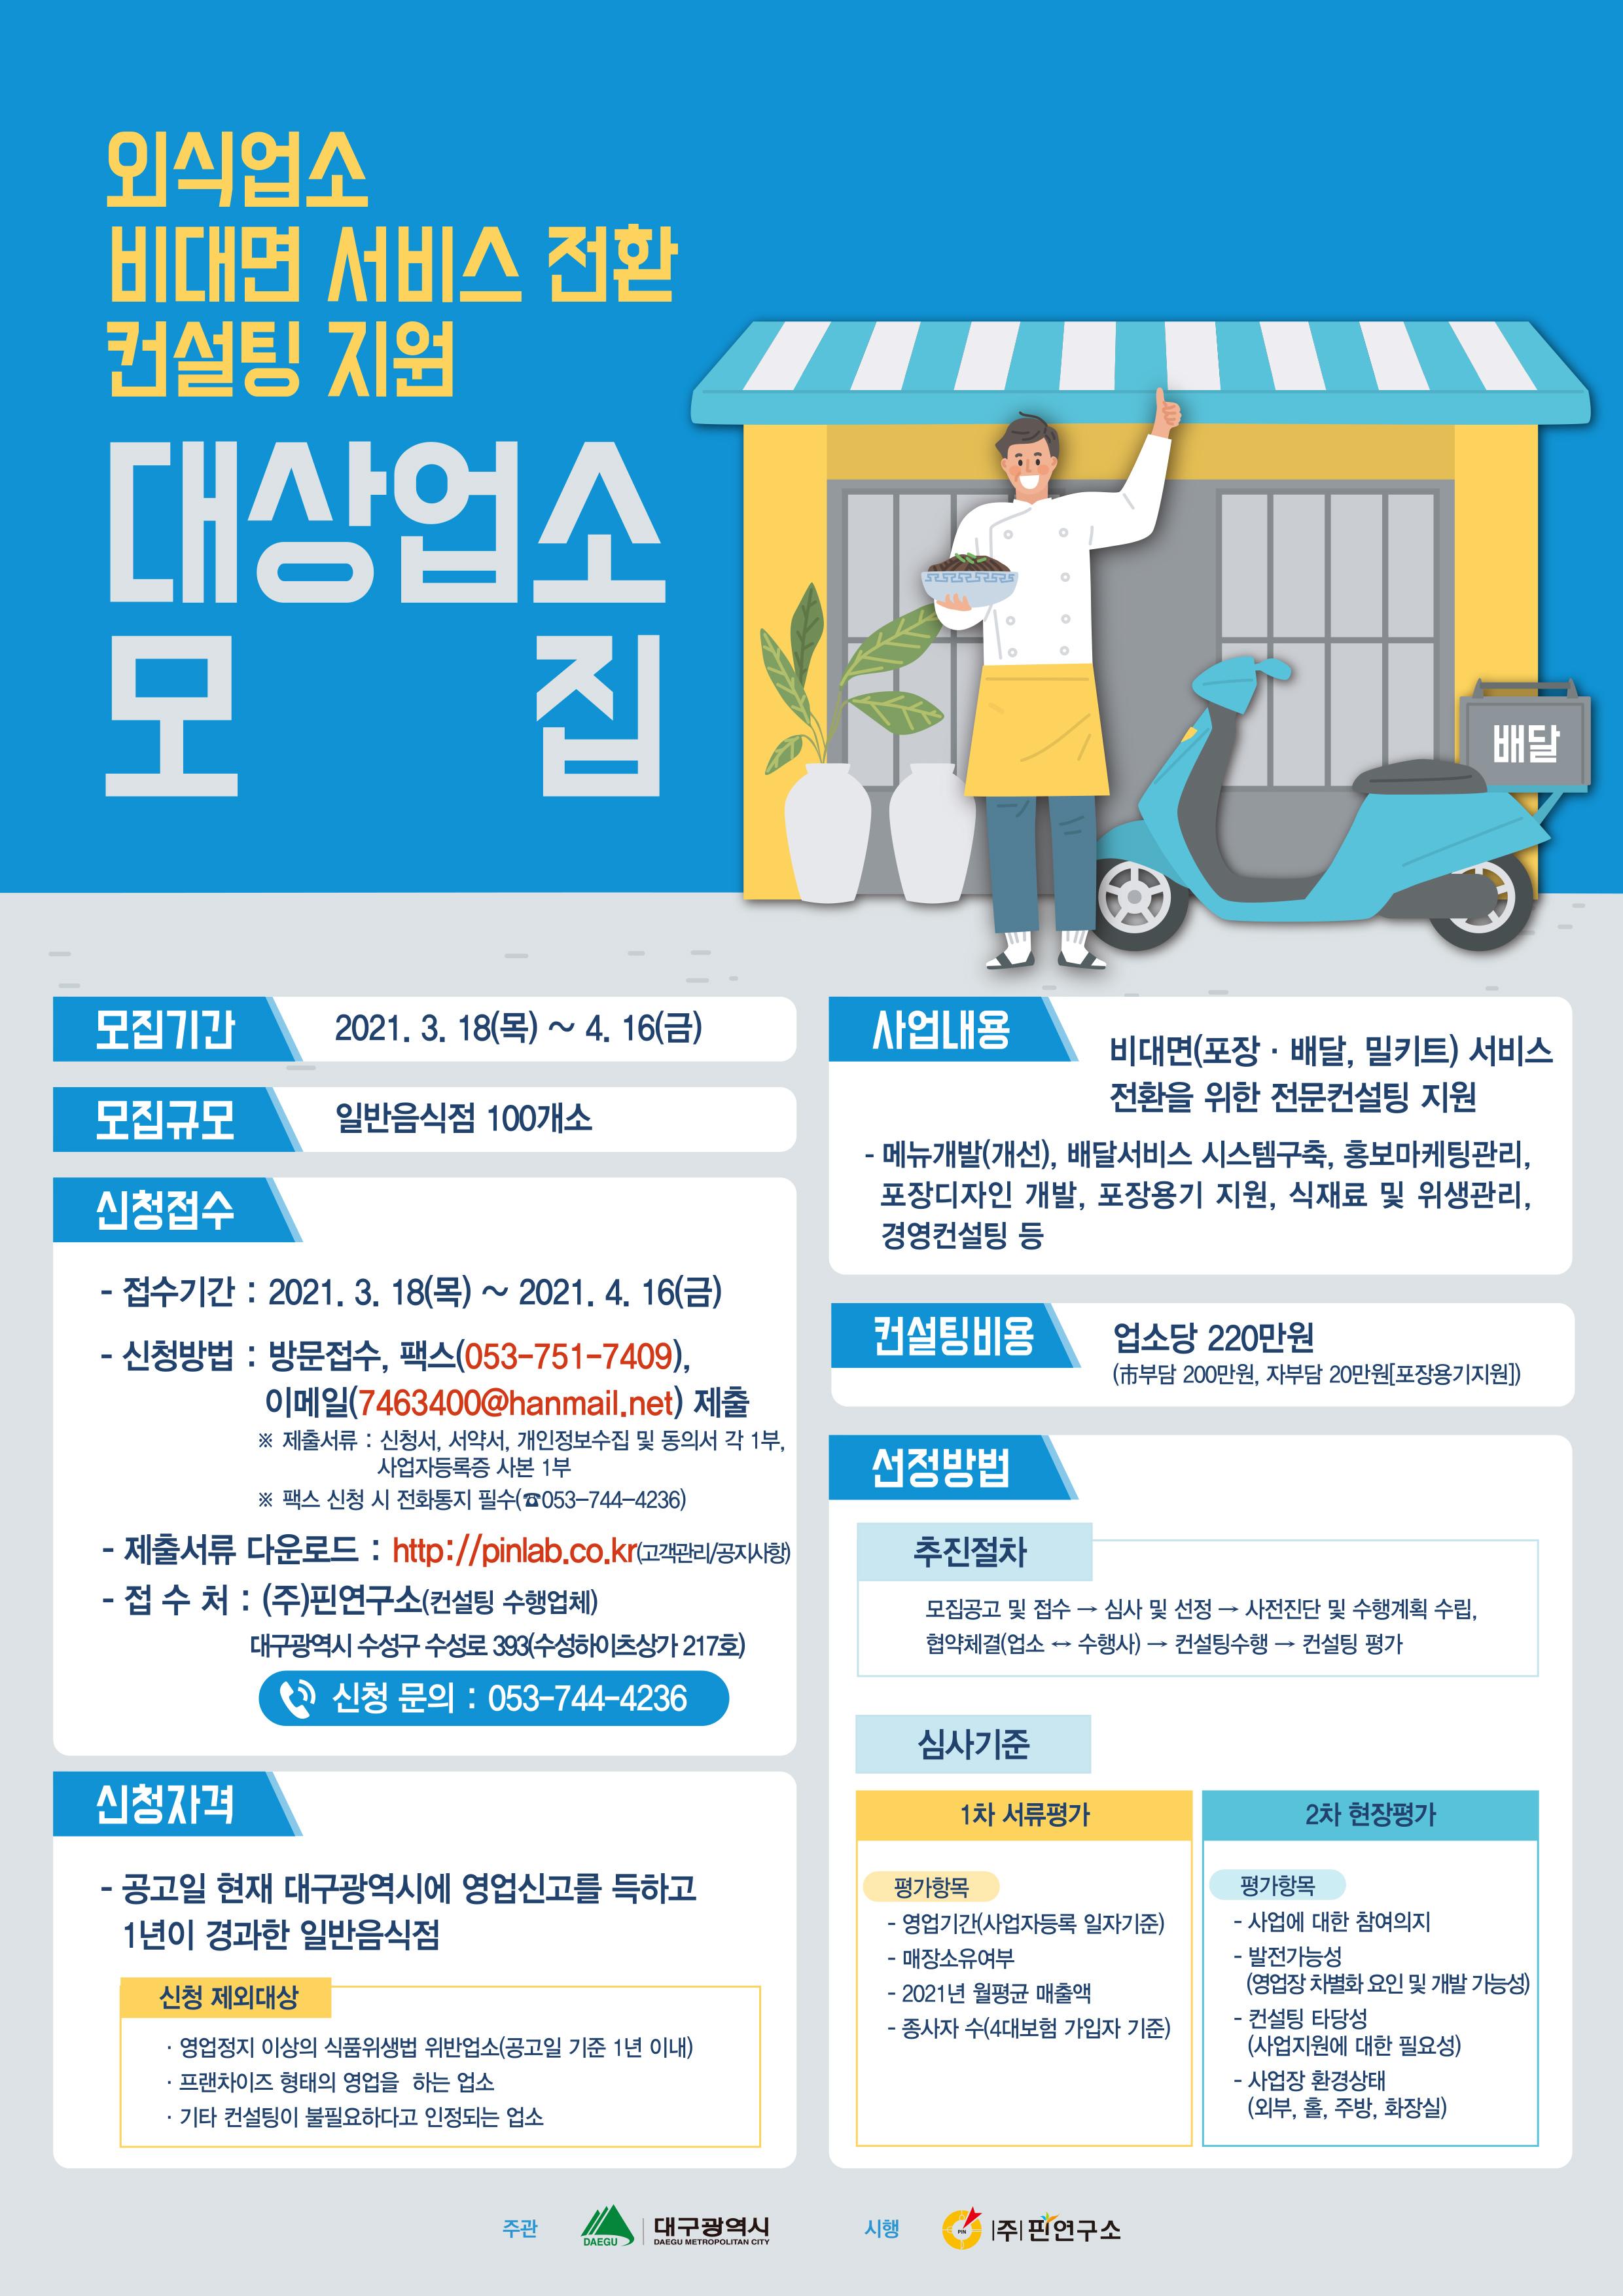 대구광역시 외식업소 비대면 서비스 전환 컨설팅지원 사업.jpg